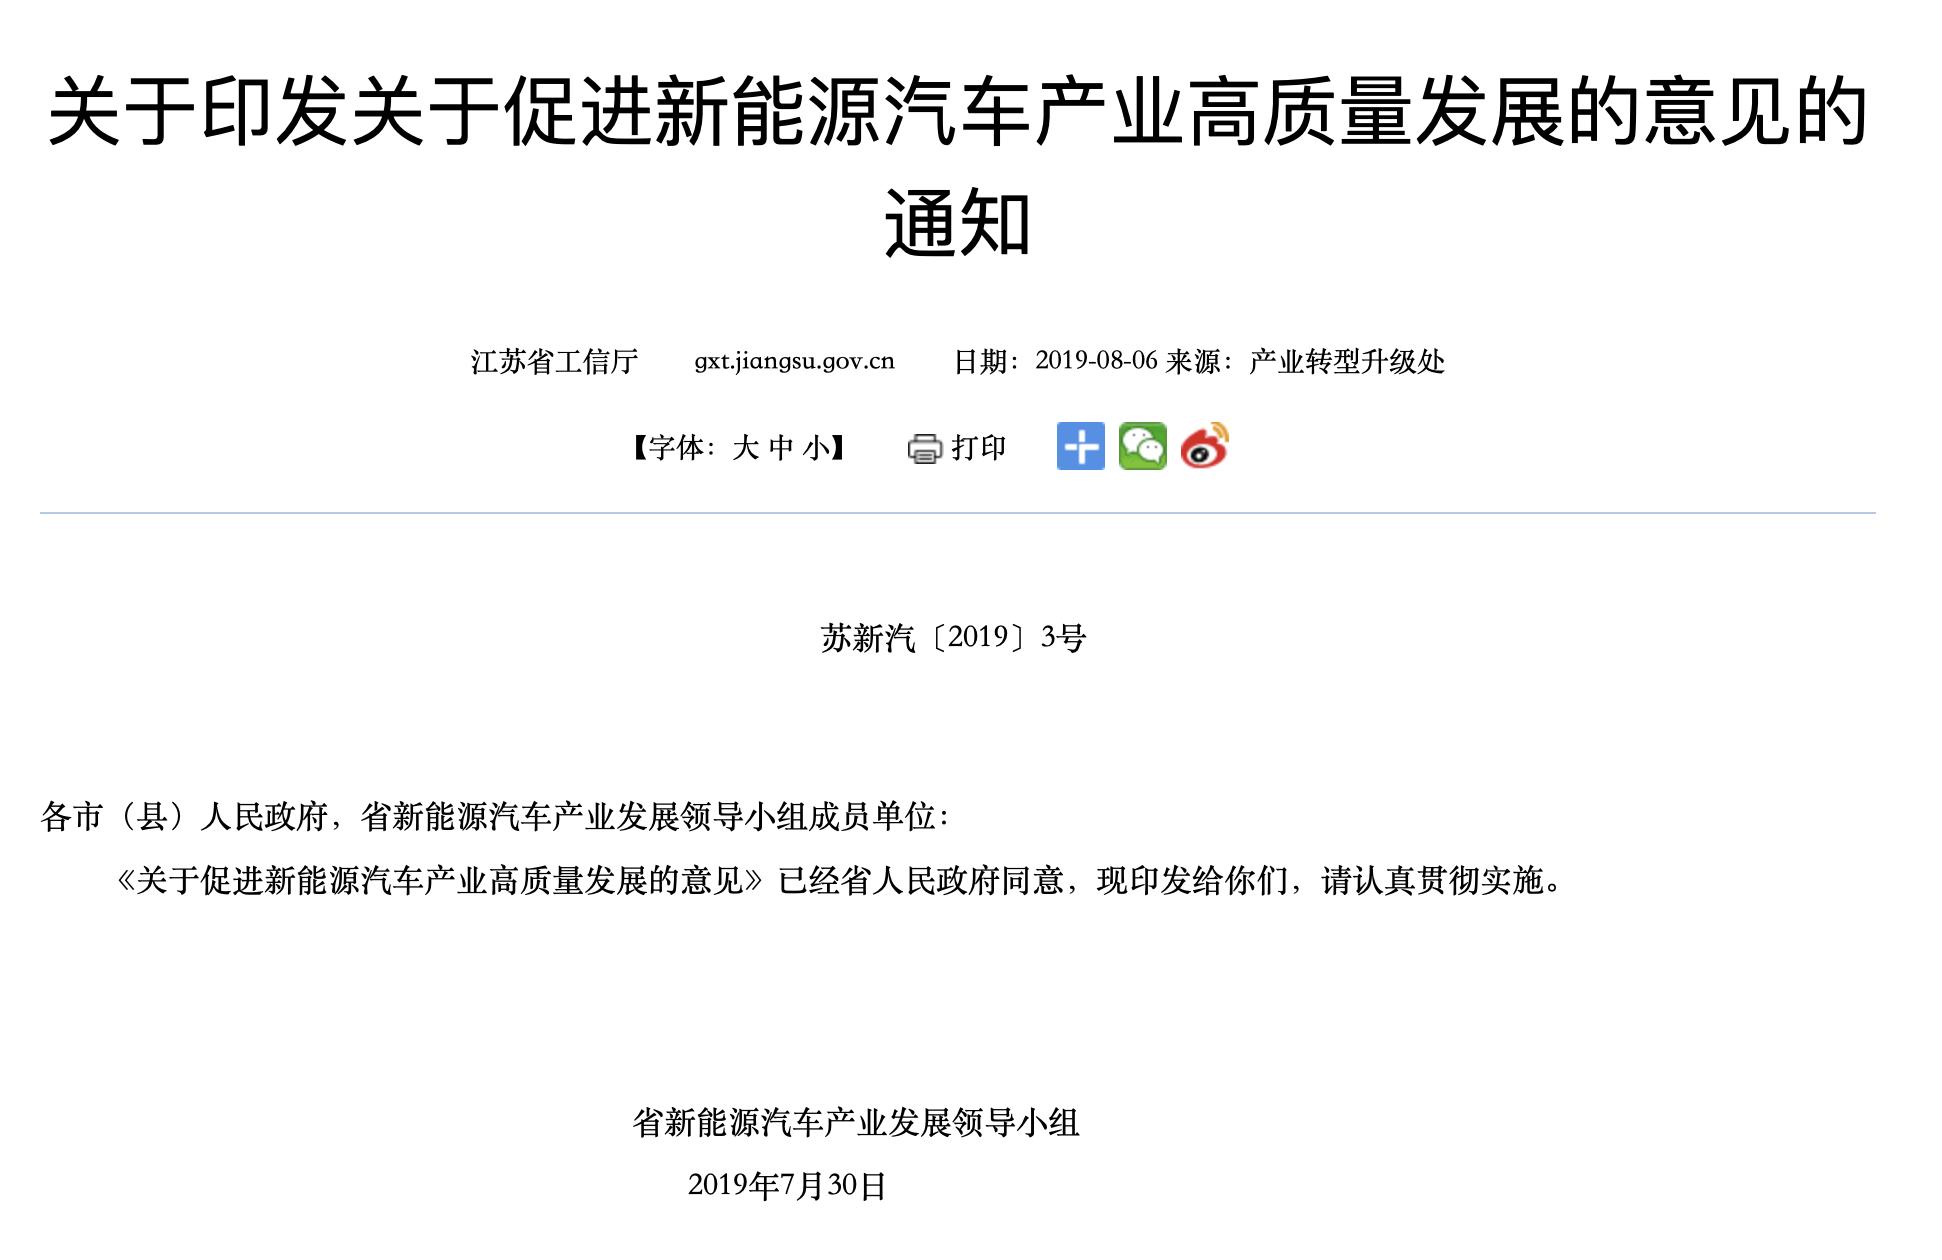 江苏省发布新能源车规划:计划2021年产量超过30万辆